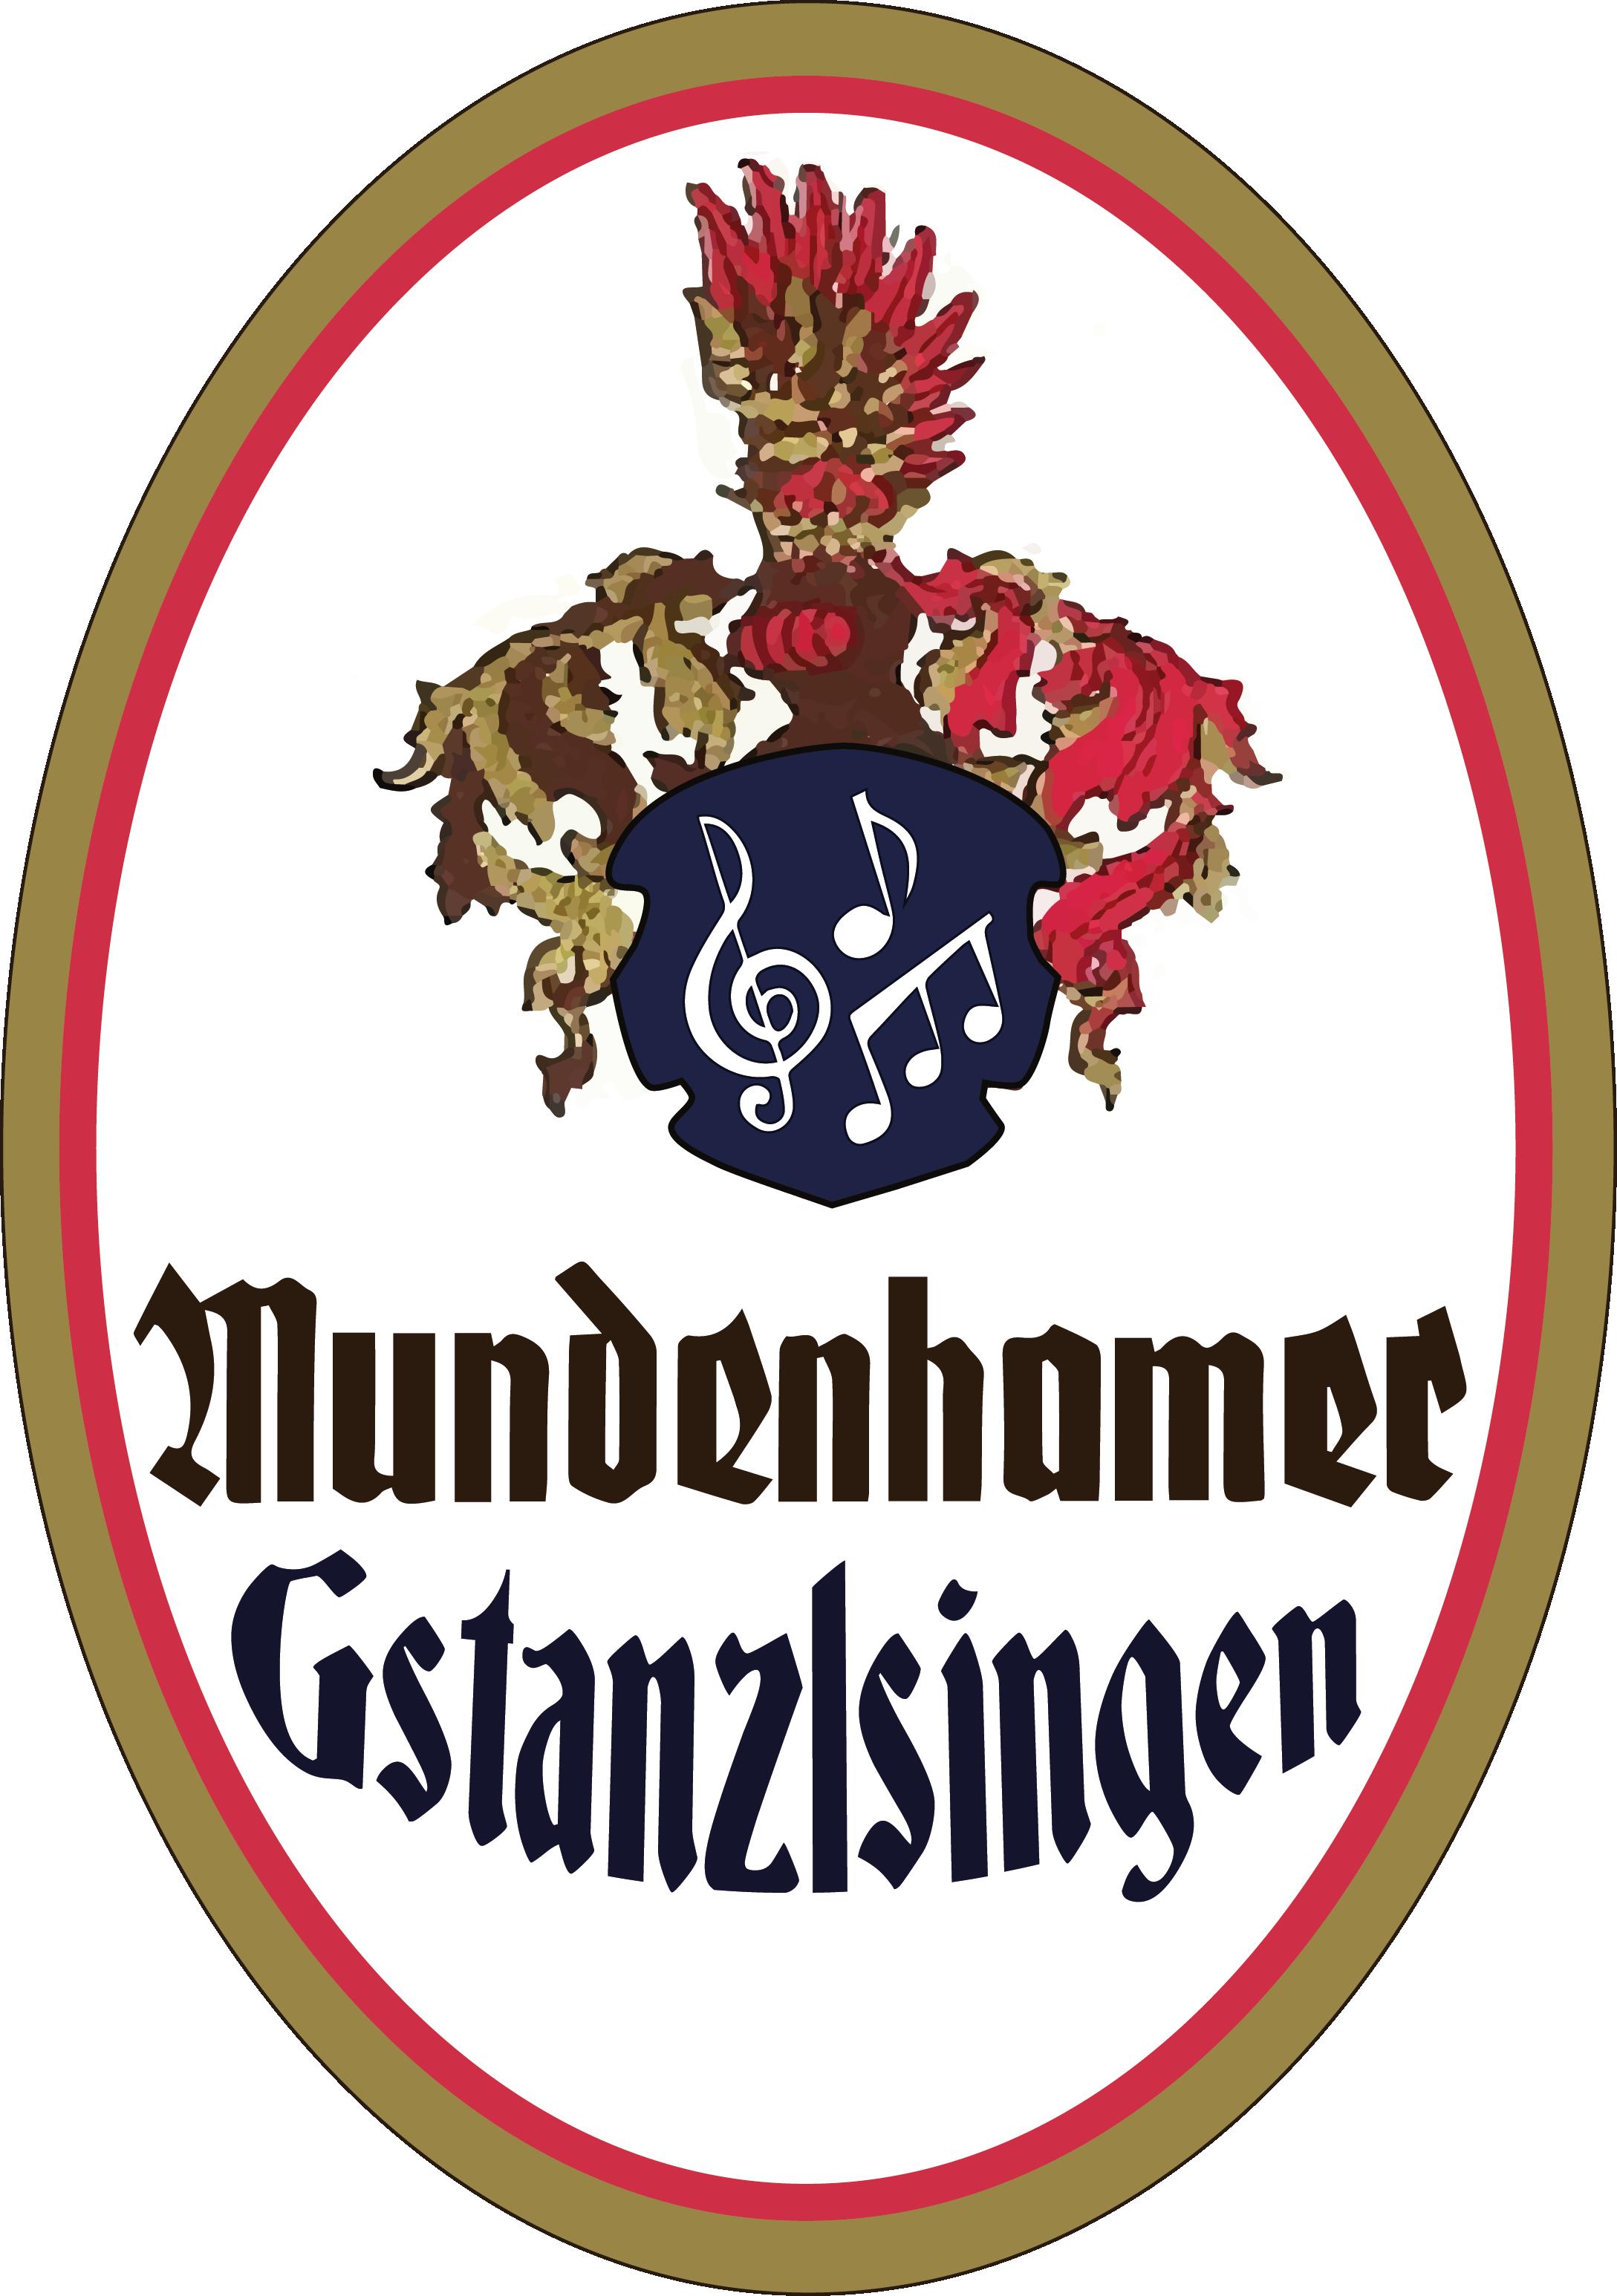 Mundenhamer Gstanzlsingen